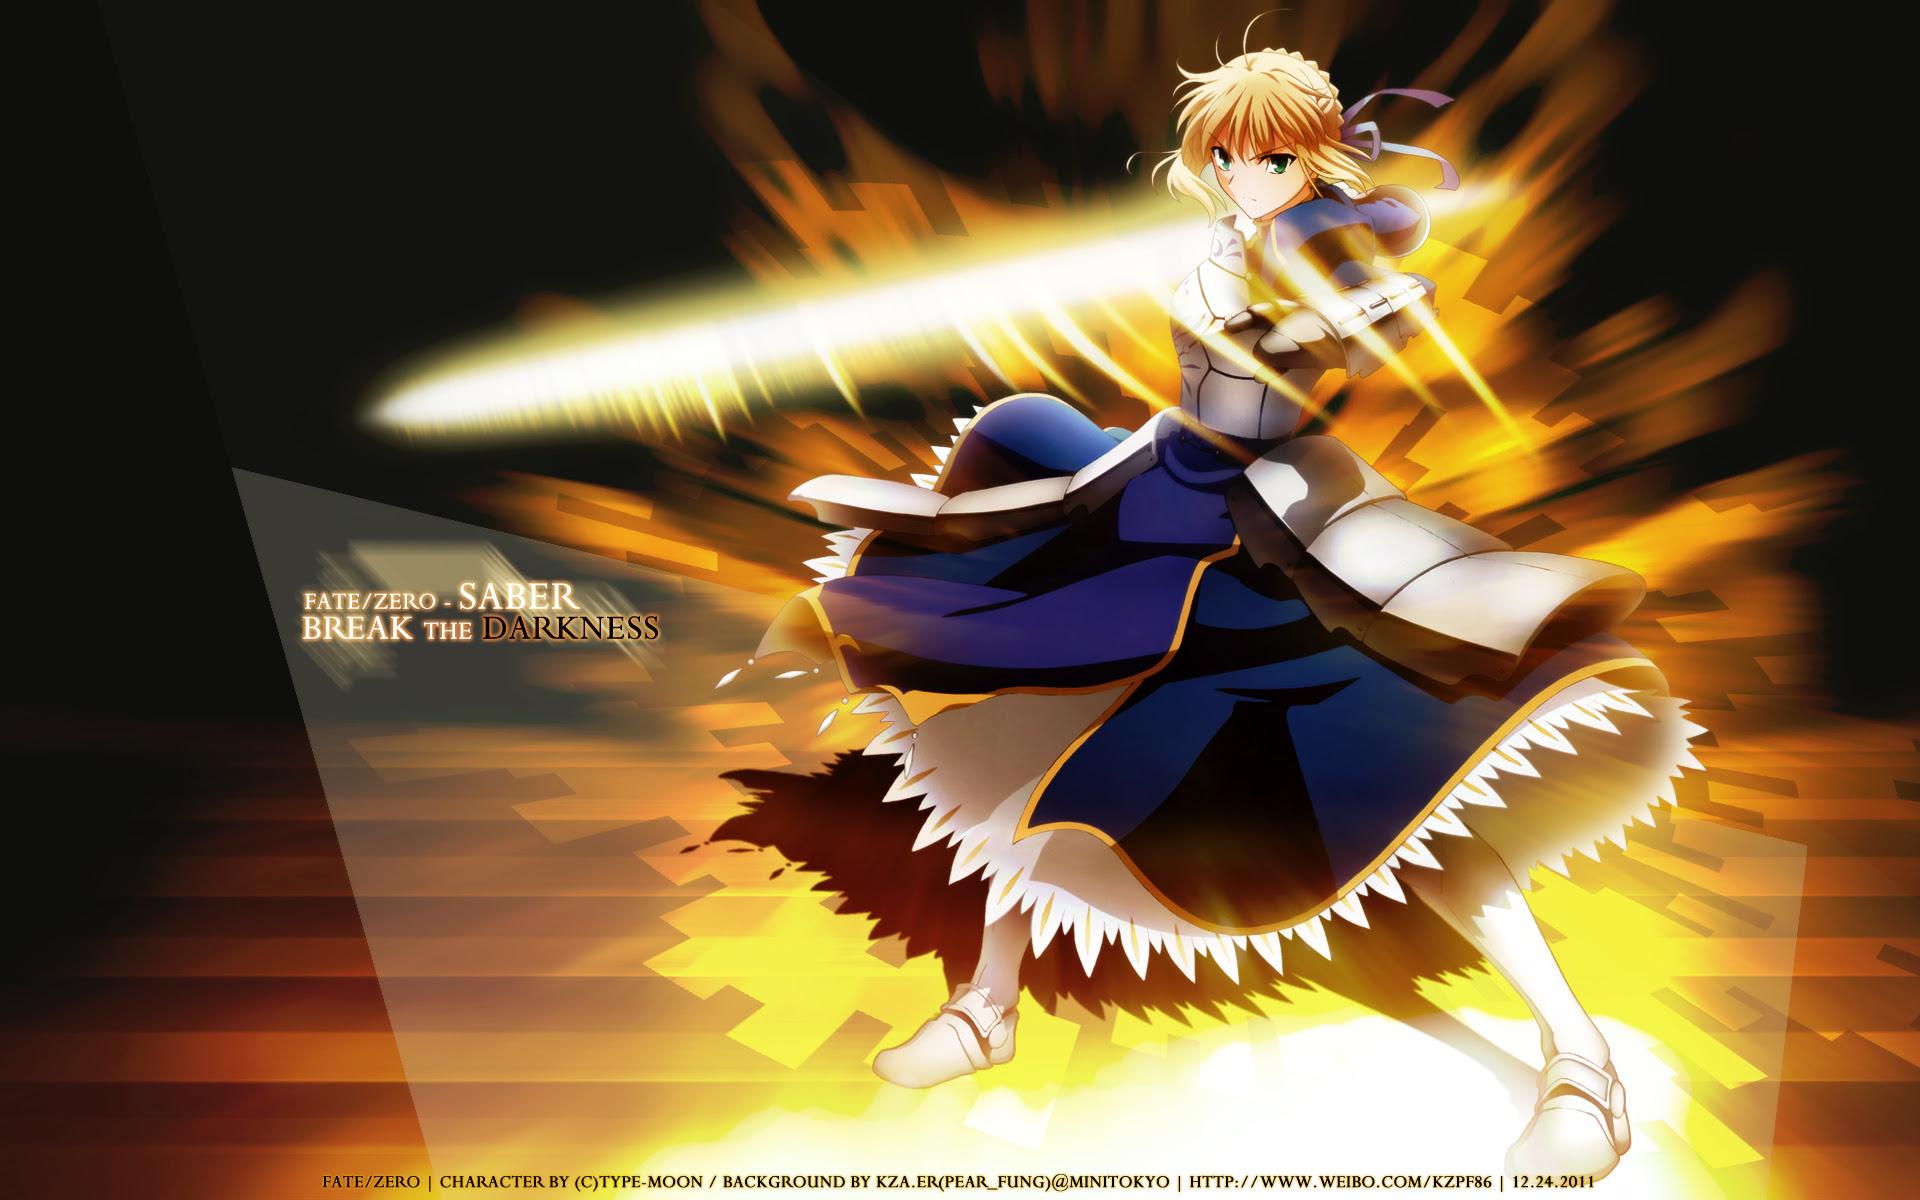 Fate Zero Wallpaper Saber Break The Darkness Minitokyo